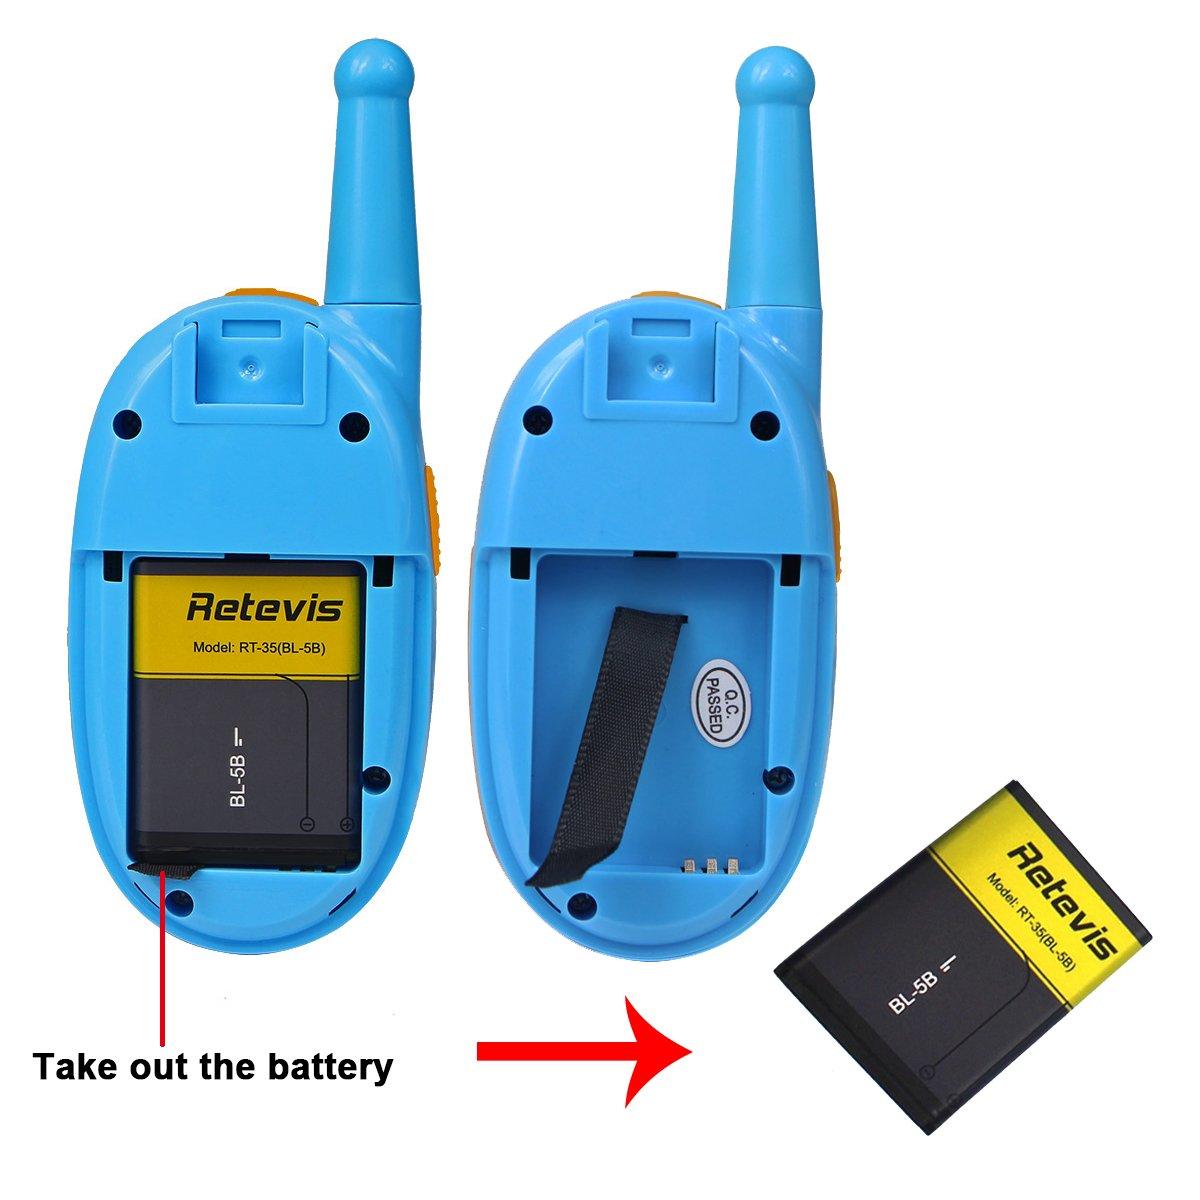 Retevis RT35 Kids Walkie Talkies USB License-Free Digital Alarm Clock 2 Way Radio(Blue, 4 Pack) by Retevis (Image #5)